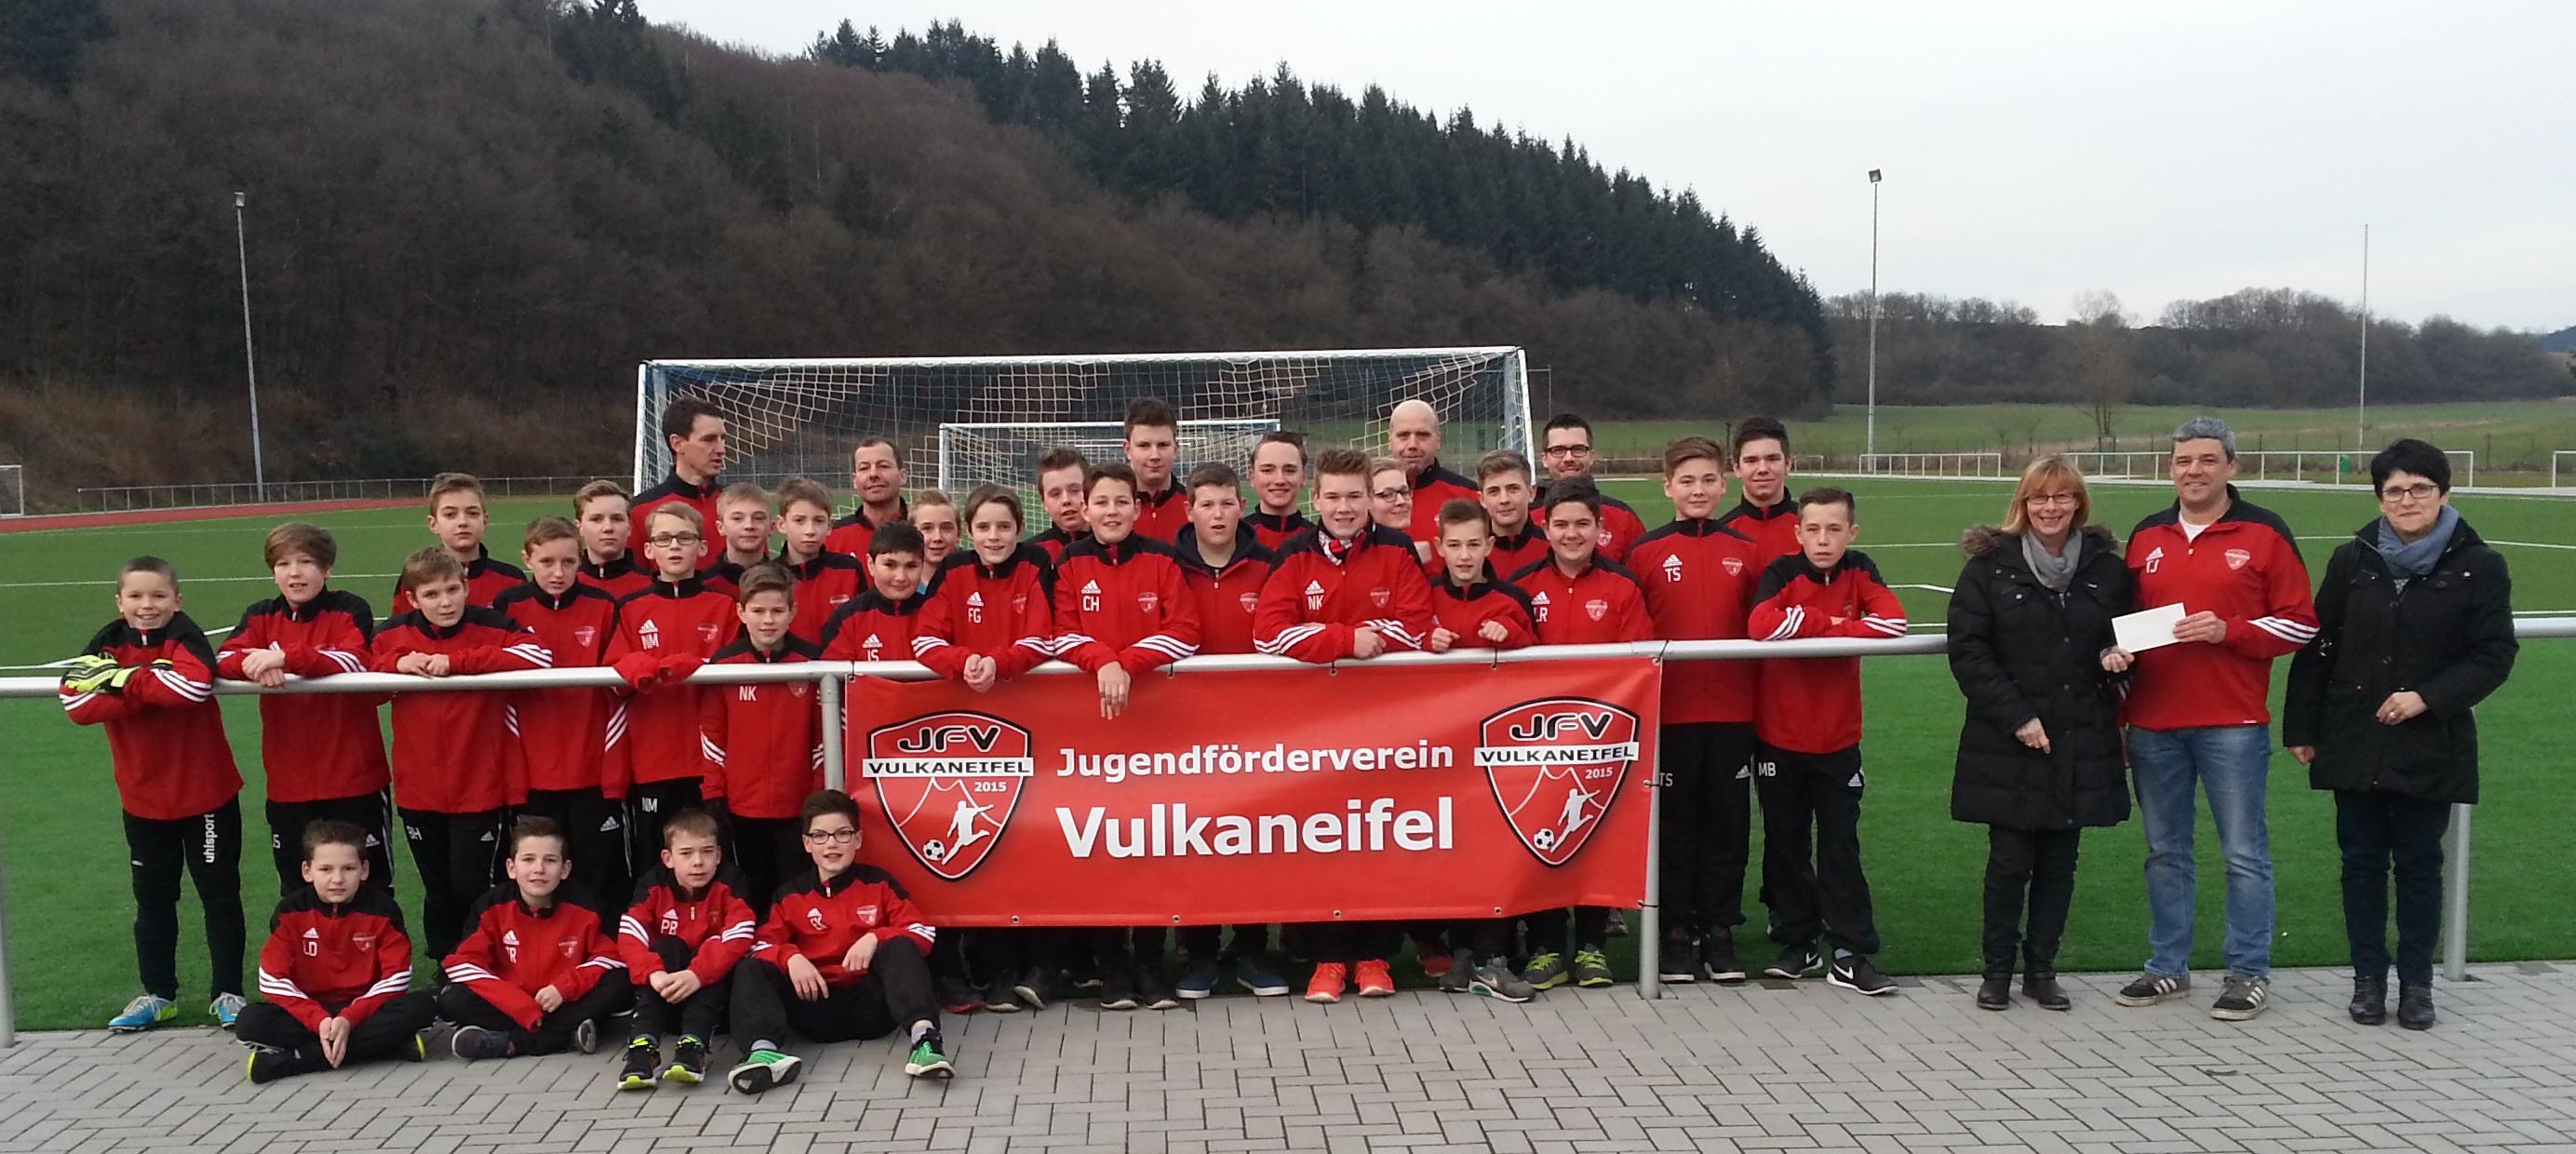 Spende-JFV-Vulkaneifel-2016